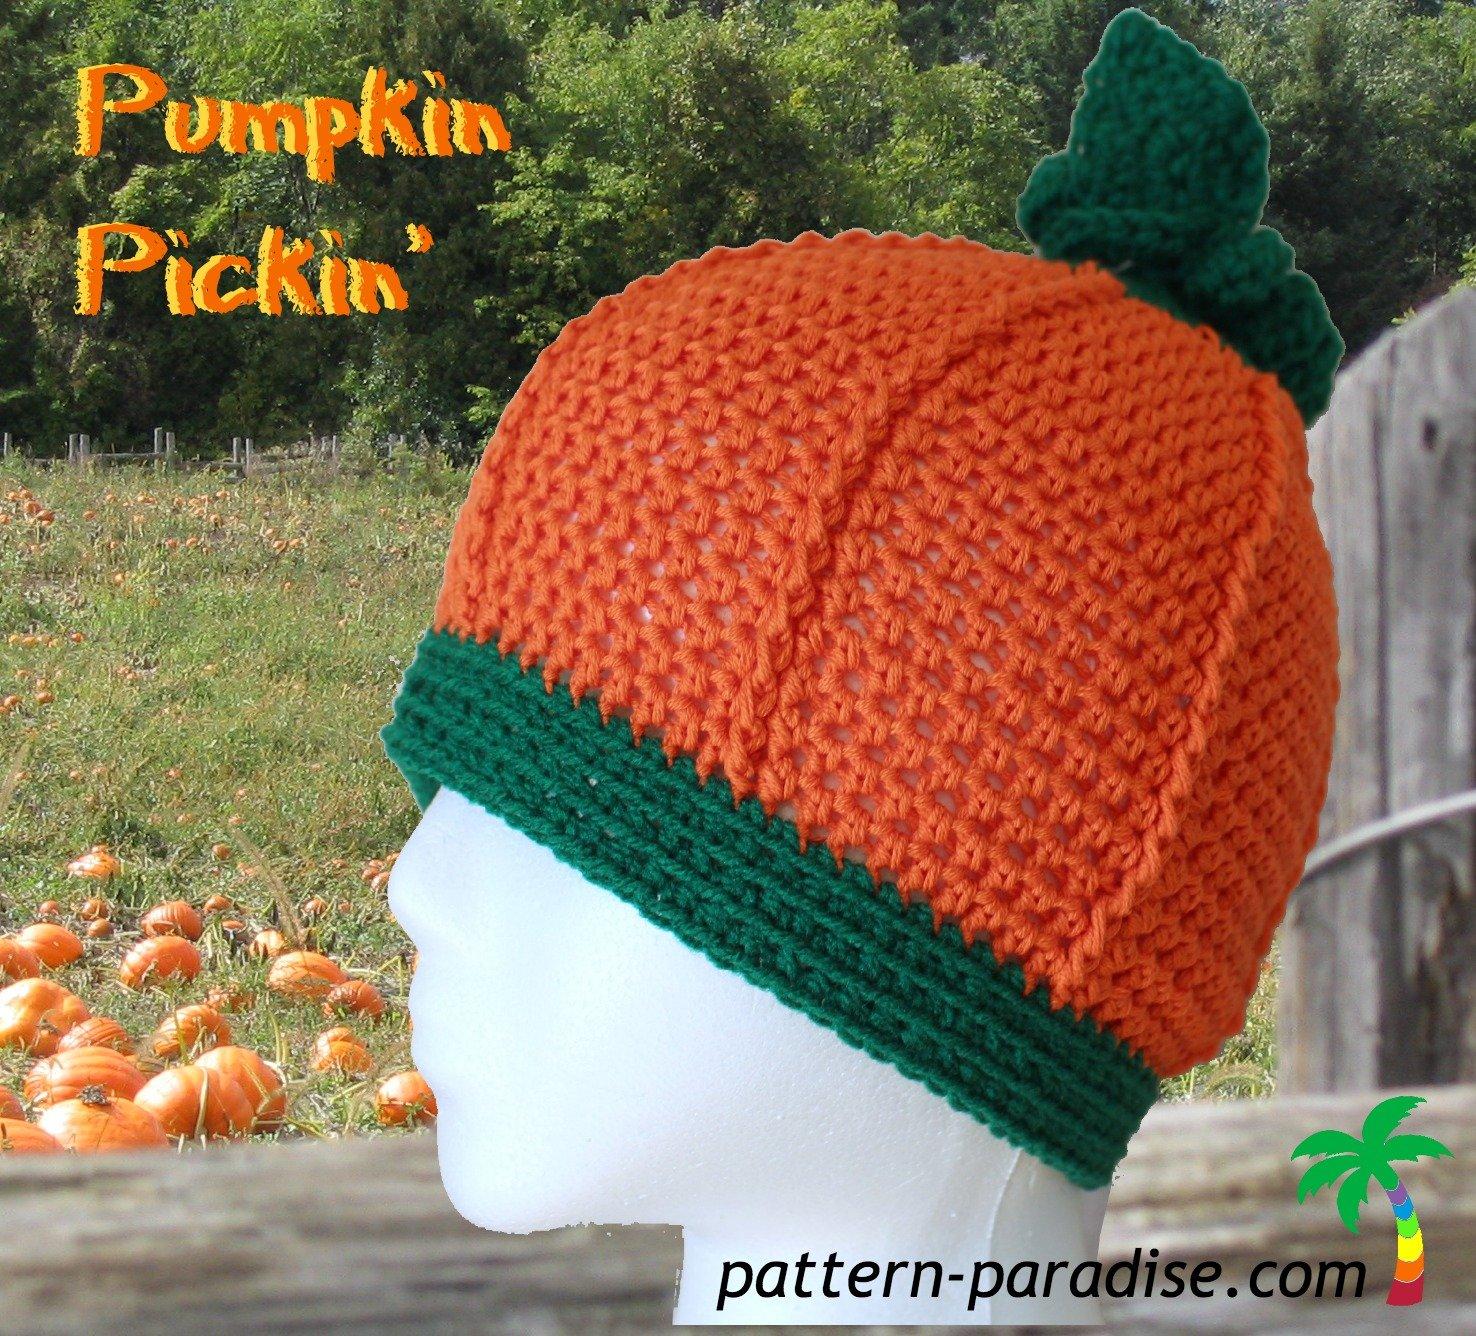 Pumpkin Pickin' Hat by Pattern Paradise